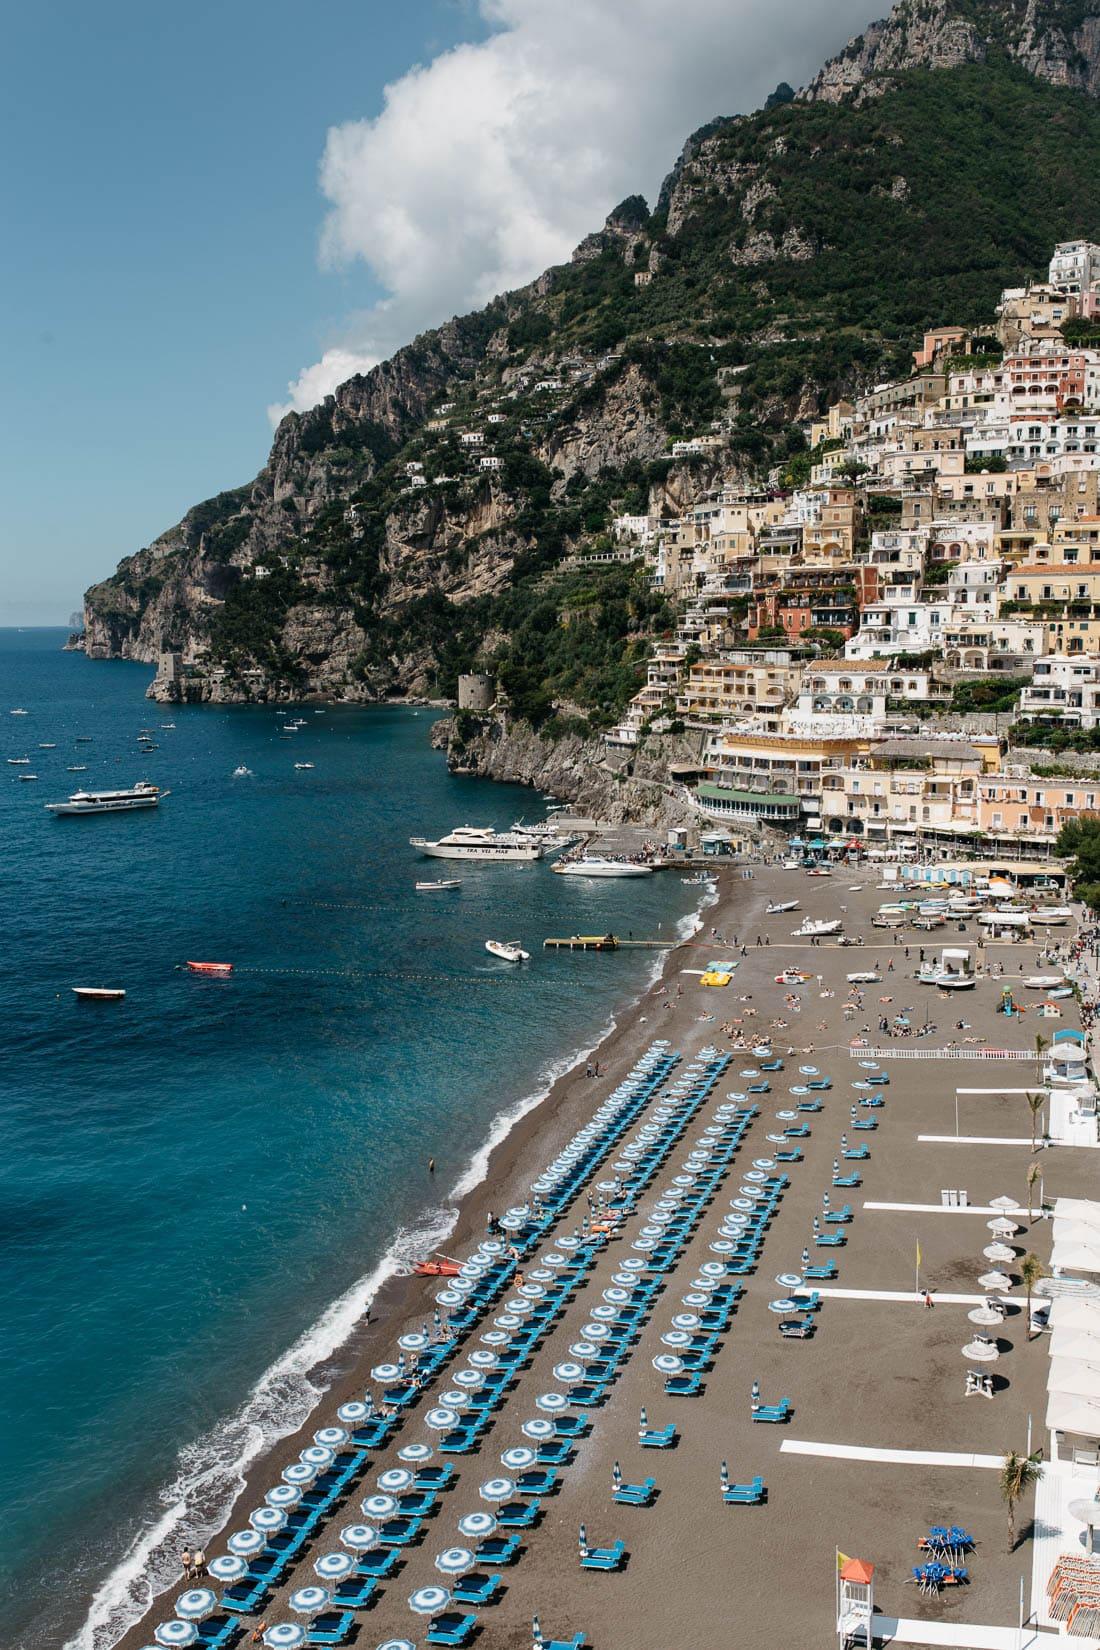 Best view in Positano